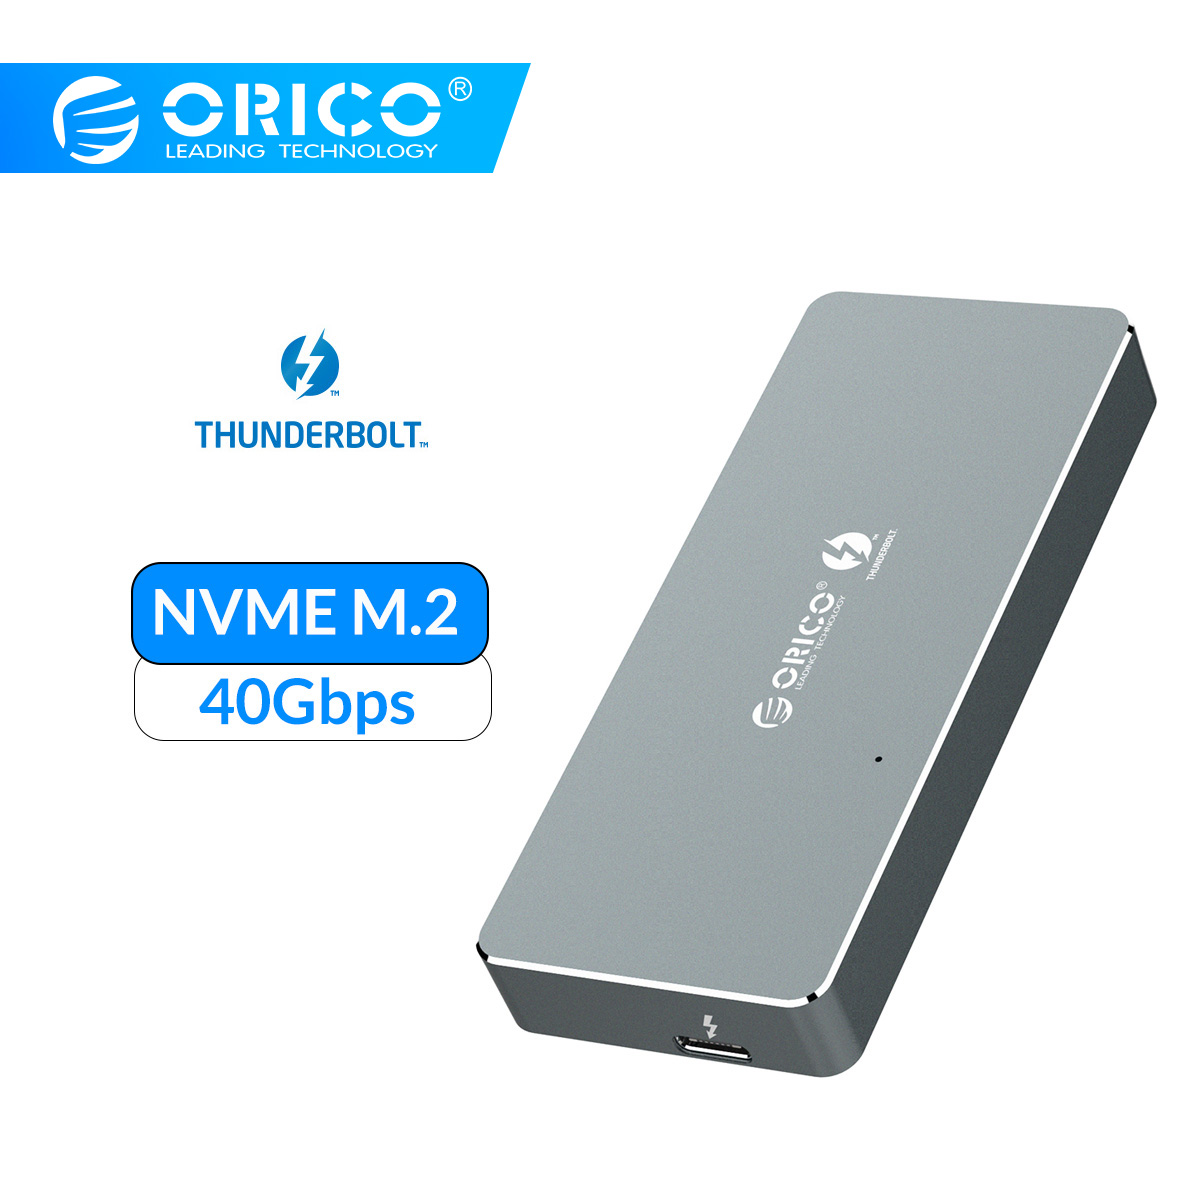 ORICO Thunderbolt 3 NVME M.2 SSD вспомогательное устройство 2 ТБ алюминиевый тип-c с 40 Гбит/с Thunderbolt 3 C к C кабель для окна Mac